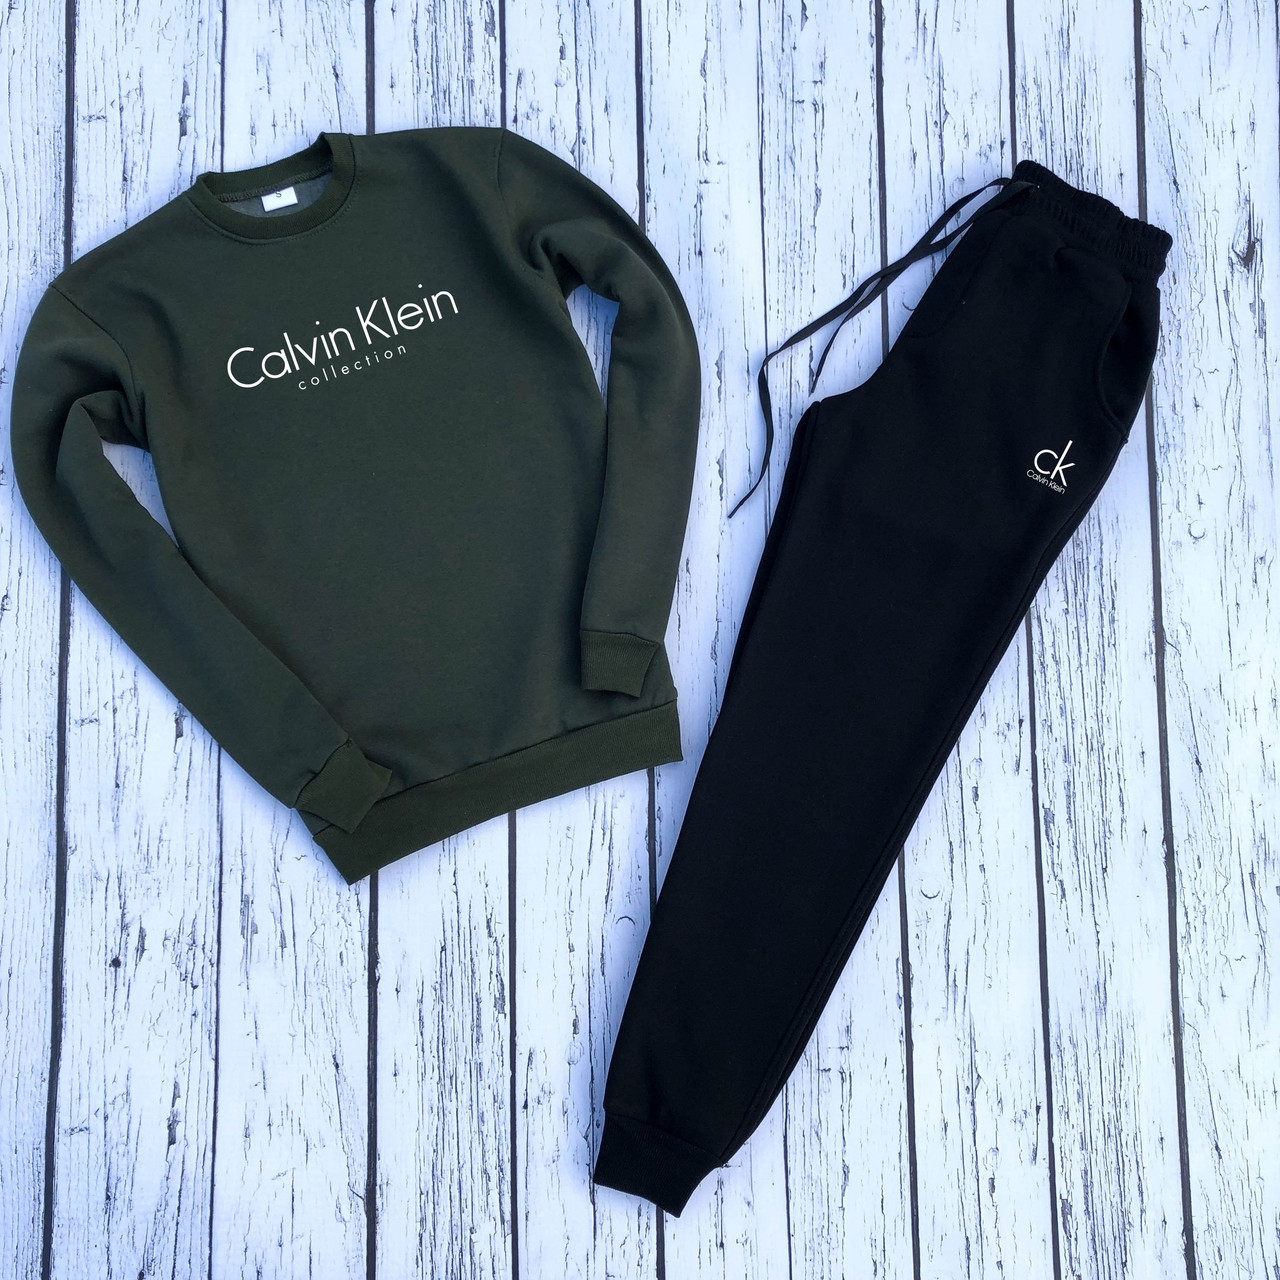 """Мужской спортивный костюм хаки свитшот с принтом """"Calvin Klein"""" и чёрные штаны """"Calvin Klein"""""""